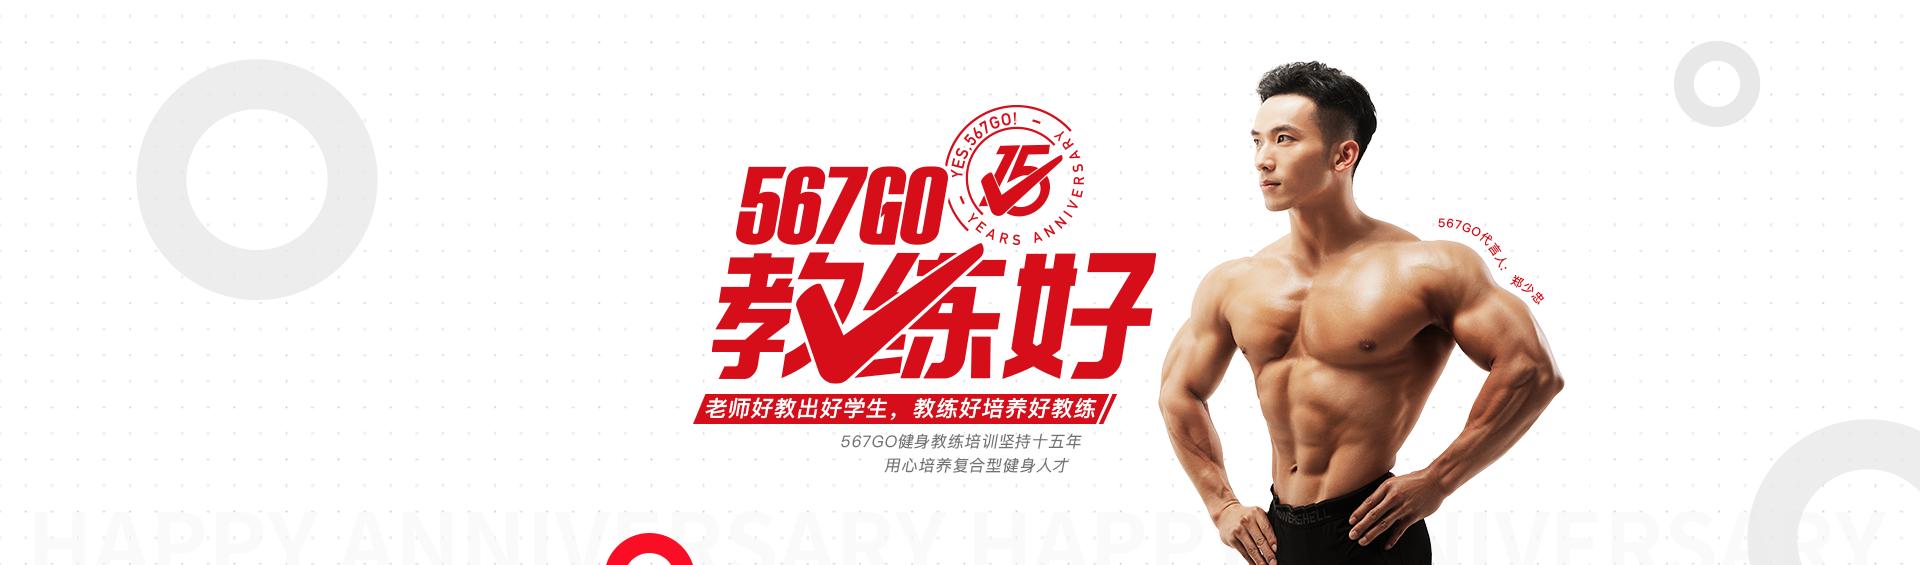 天津567GO健身学院 横幅广告